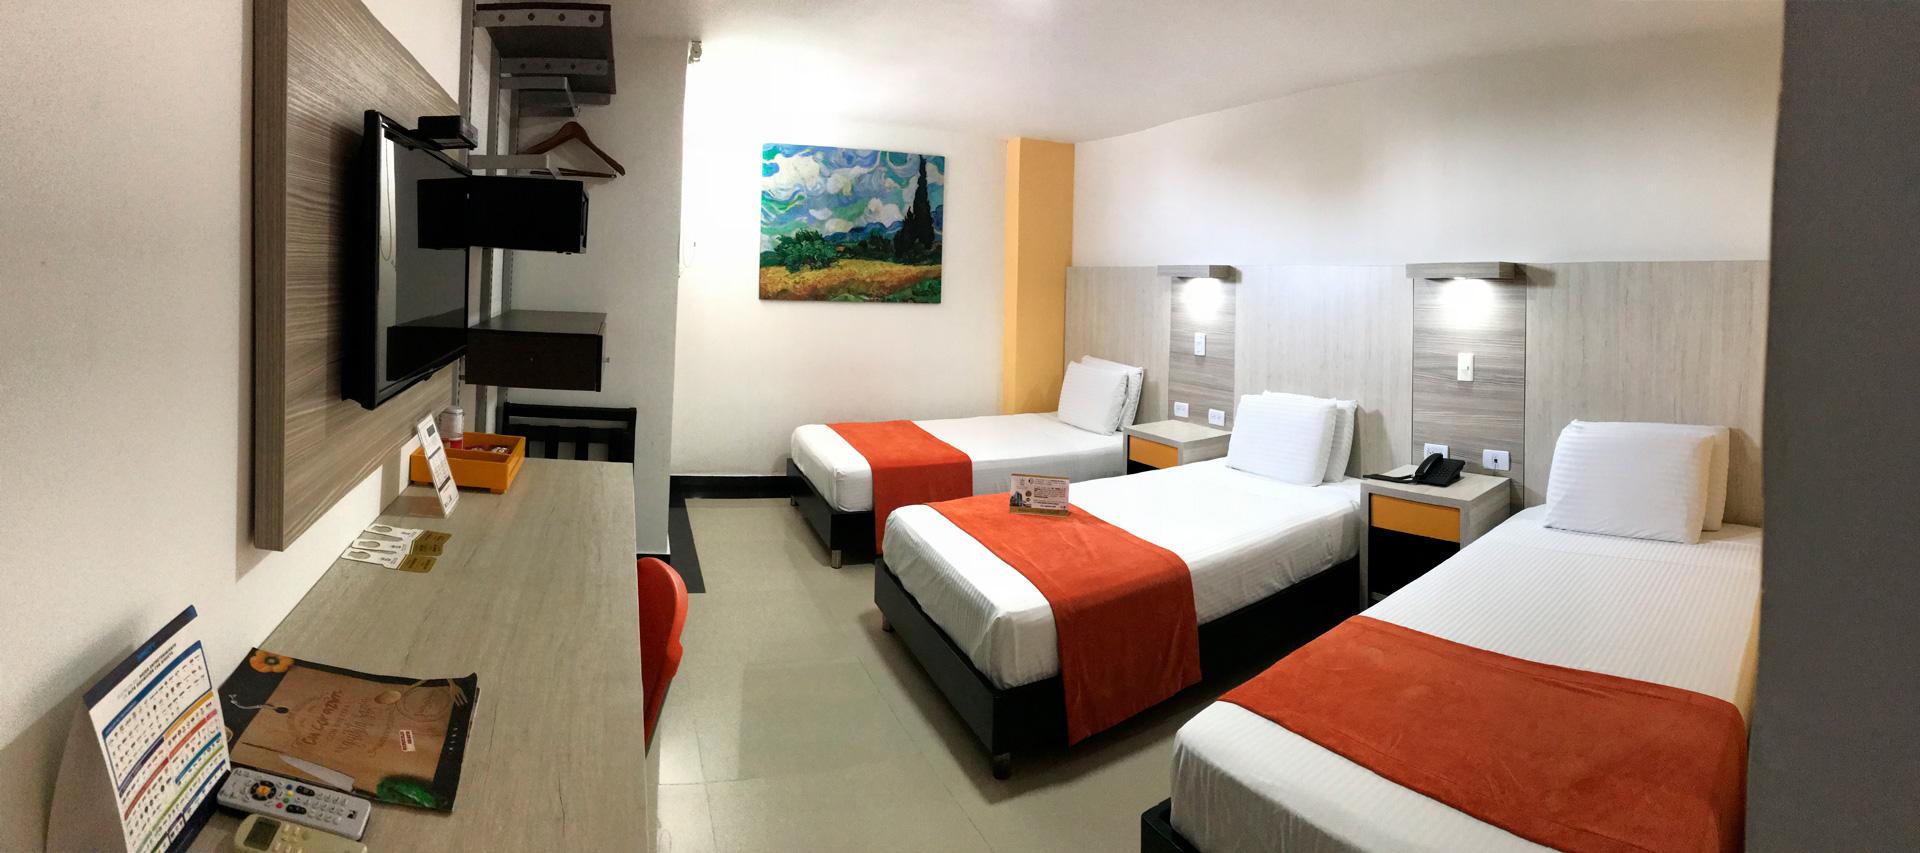 Habitación para más de tres personas - Hotel en barranquilla, colombia